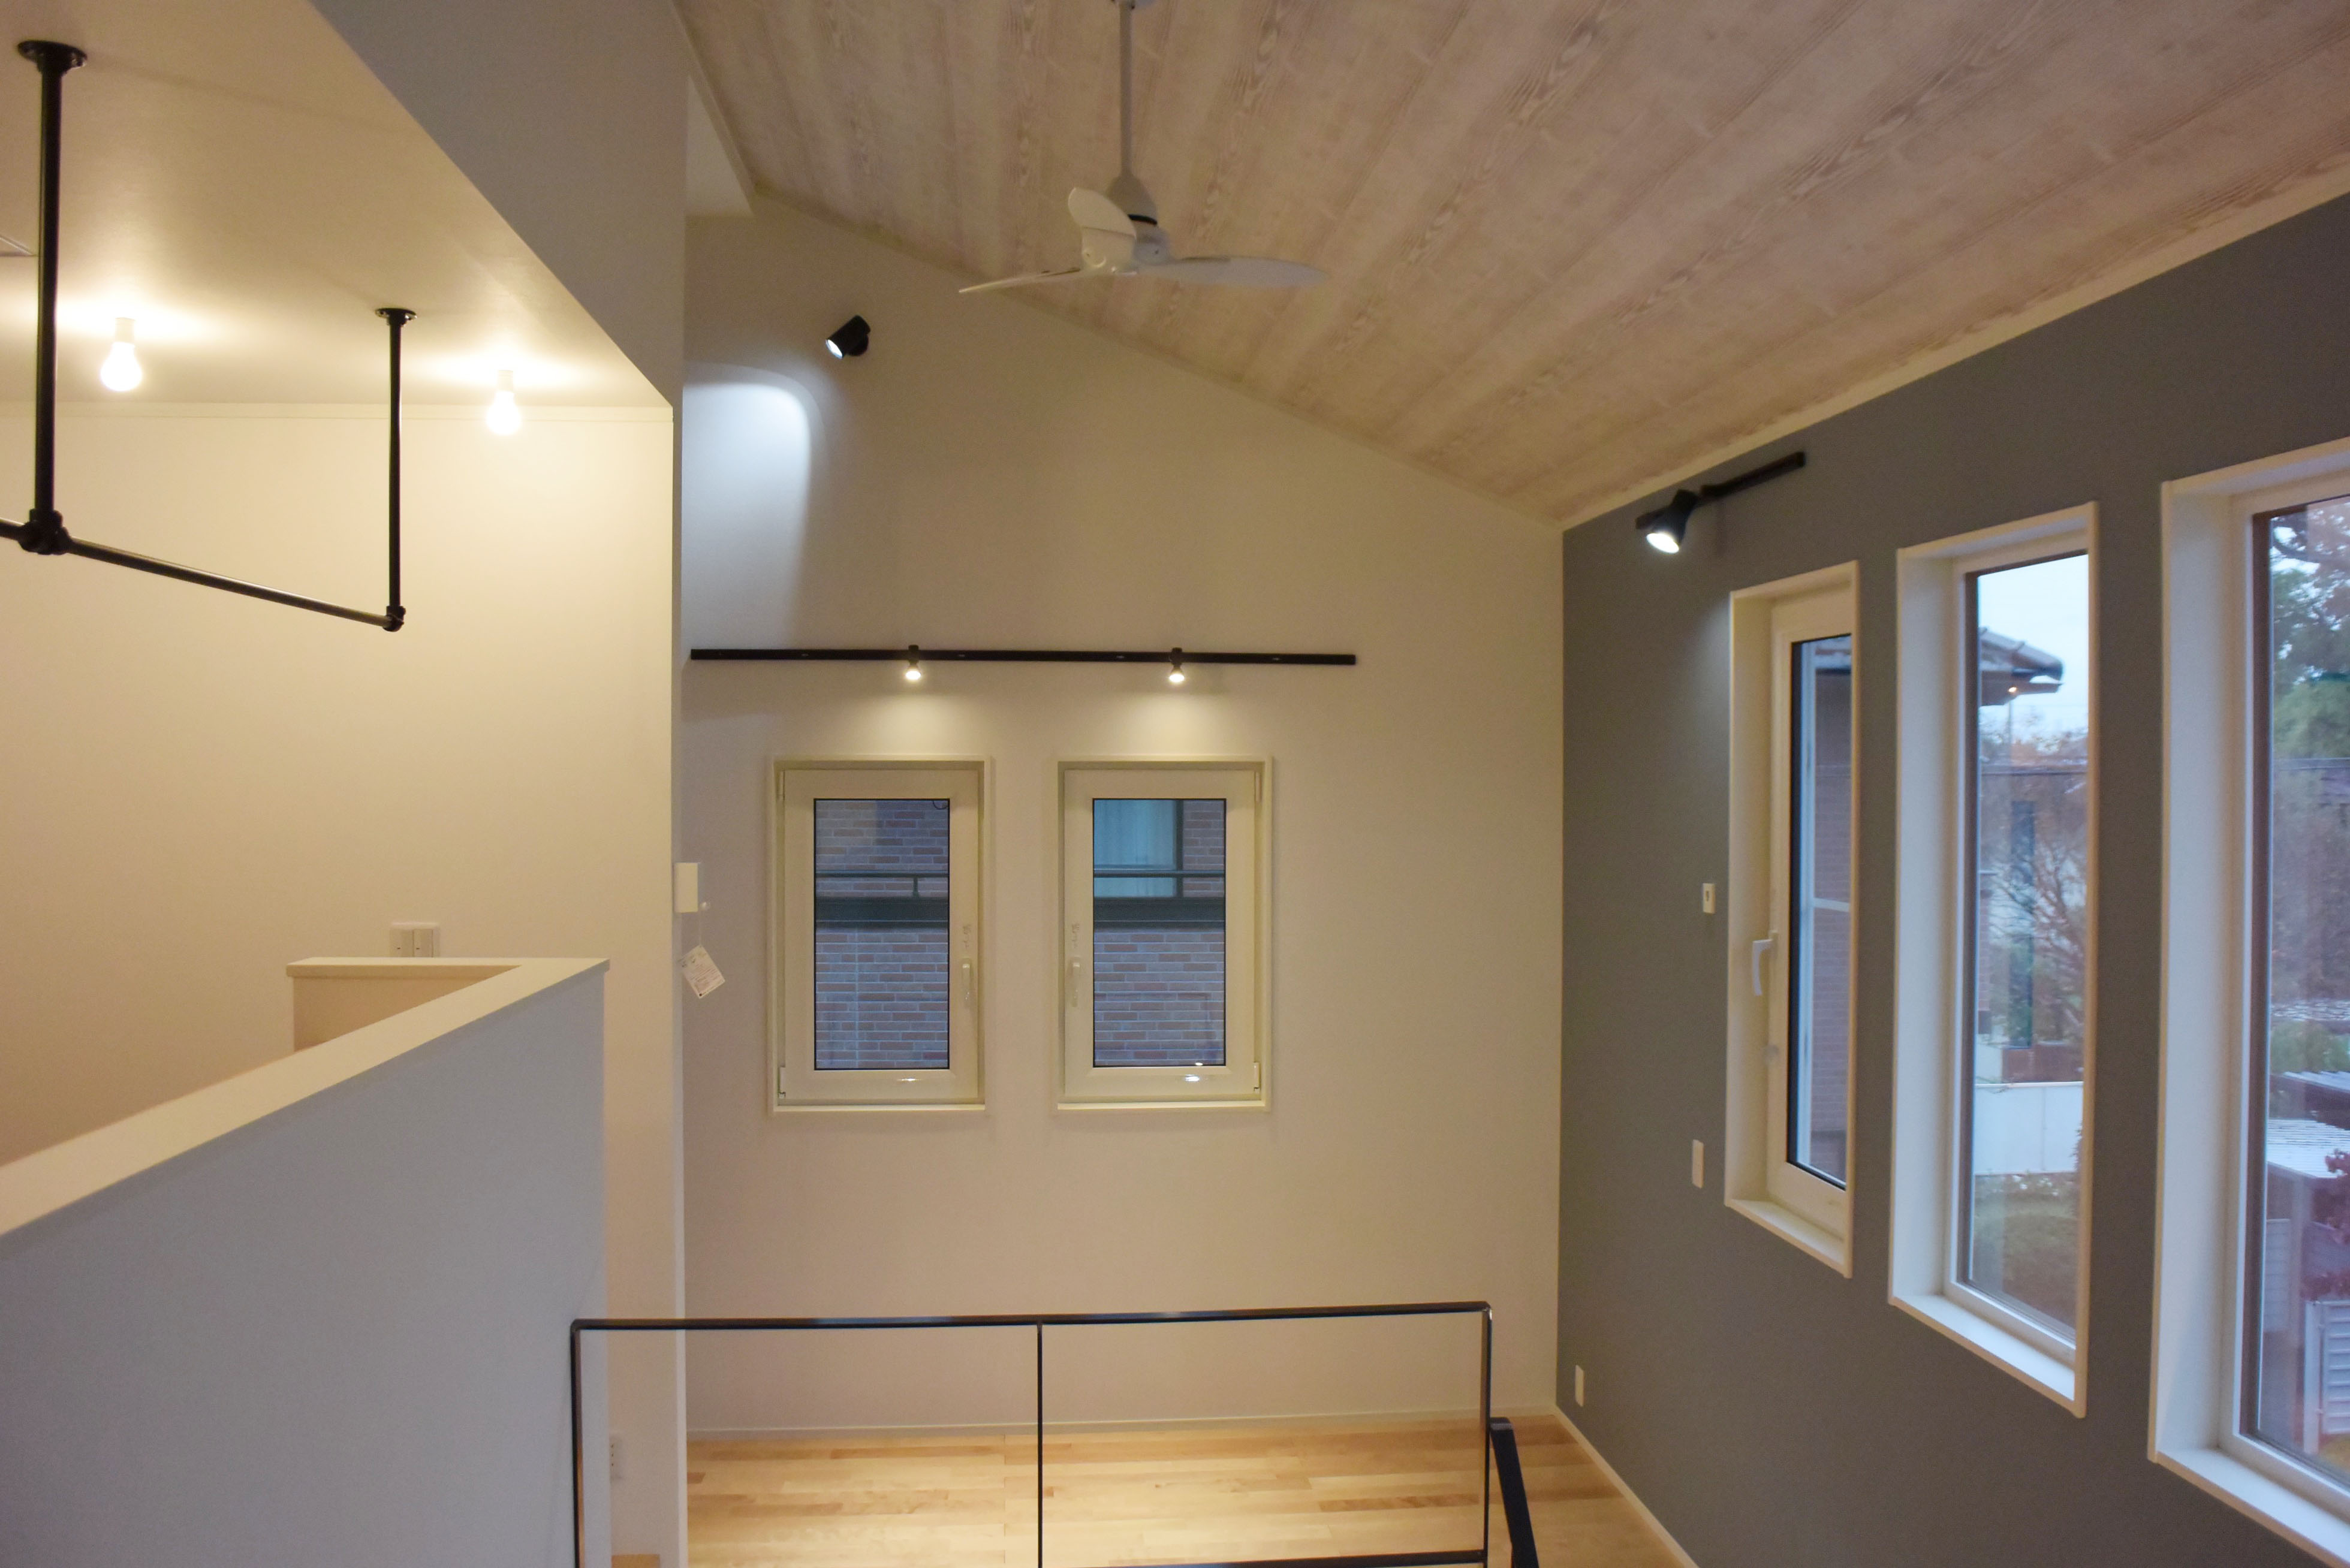 吹抜けから勾配天井へ続く解放感抜群の空間のデザイン。